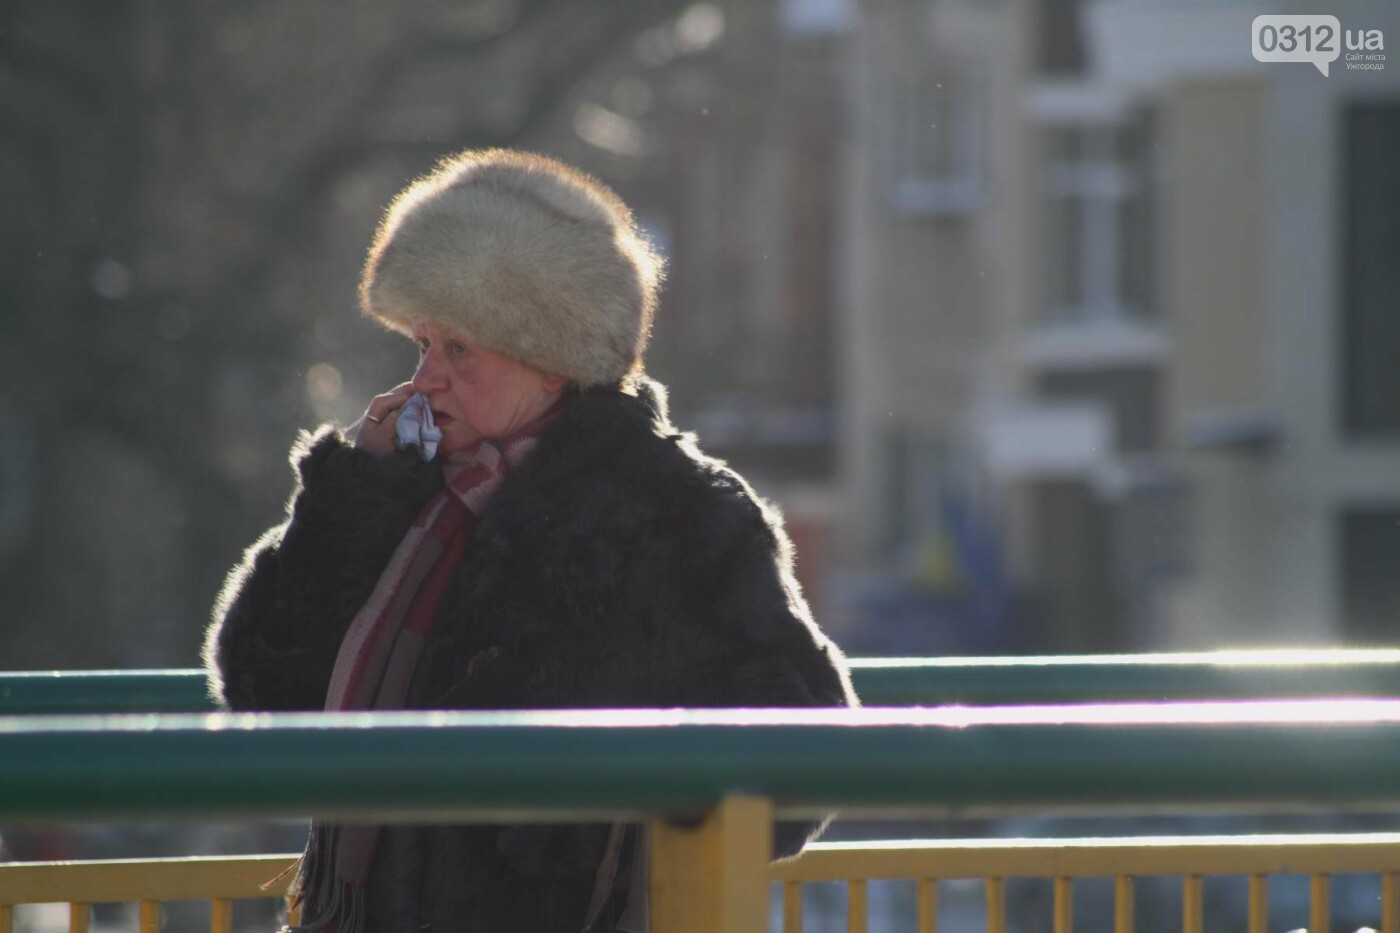 В Ужгороді - найхолодніший день цієї зими, а на завтра прогнозують снігопад , фото-6